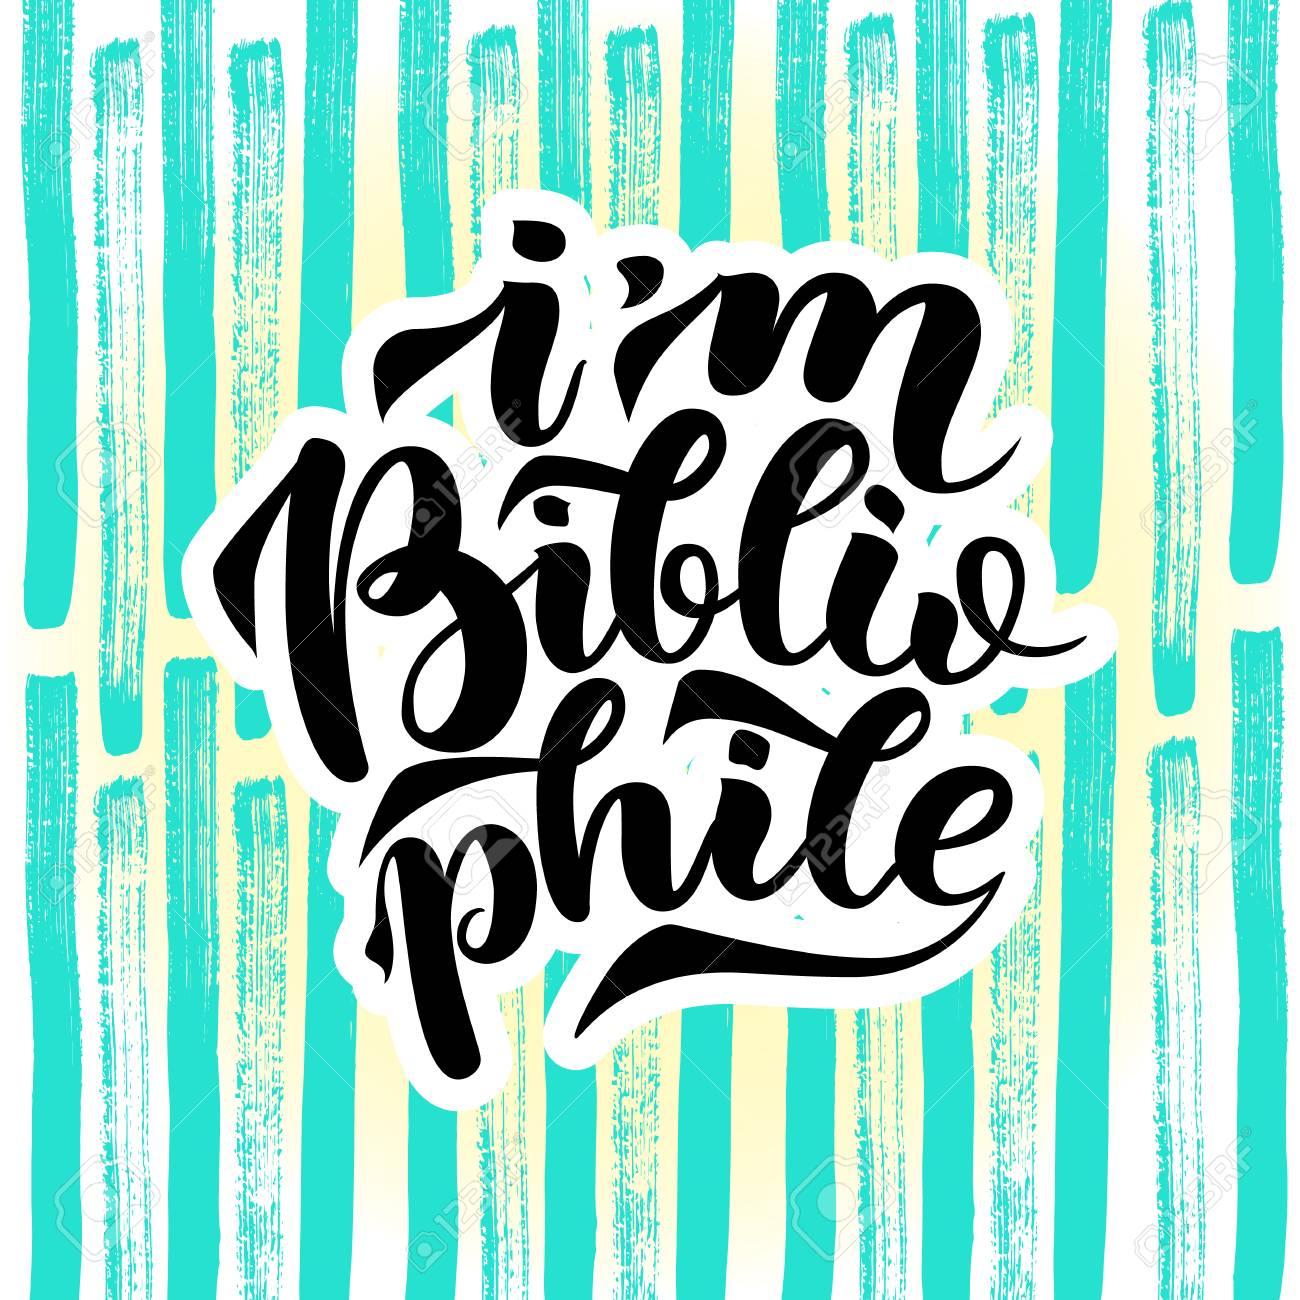 Eu Sou Citações De Letras Bibliófilas Ilustração Vetorial Em Fundo Abstrato Colorido Tipografia Frase Fofa Para Seus Produtos De Design Imprimir